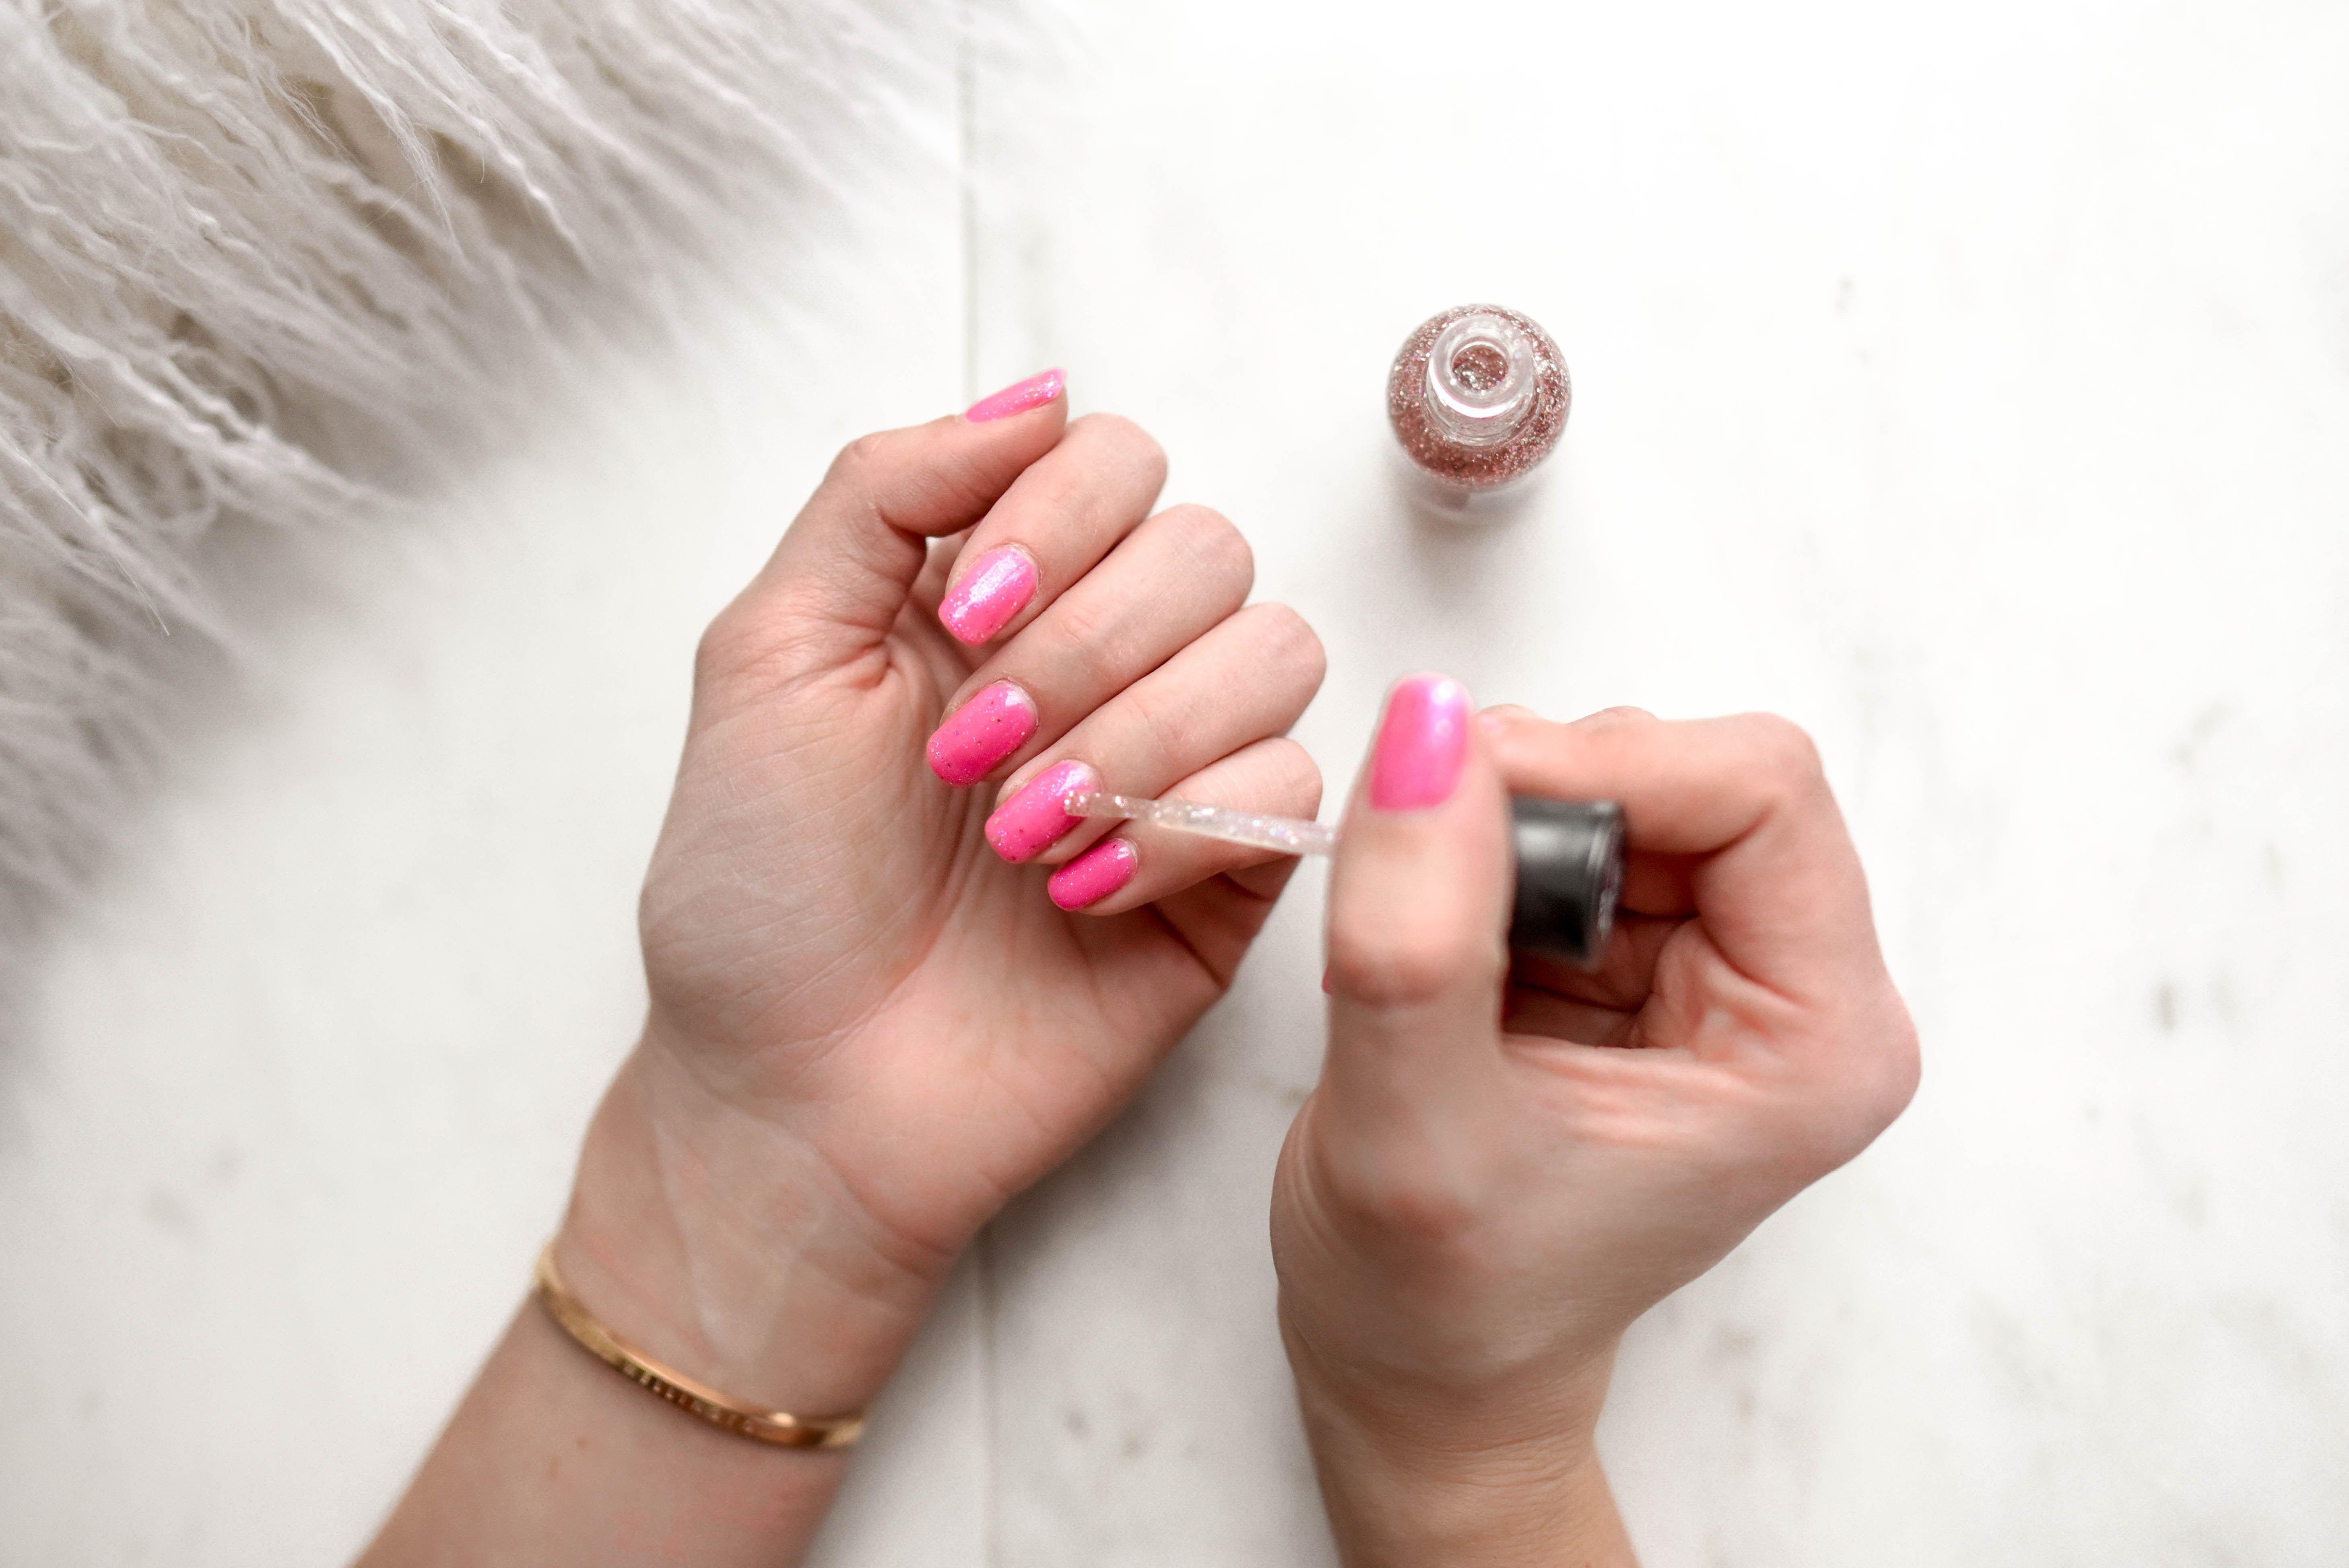 tratamientos de belleza manicura